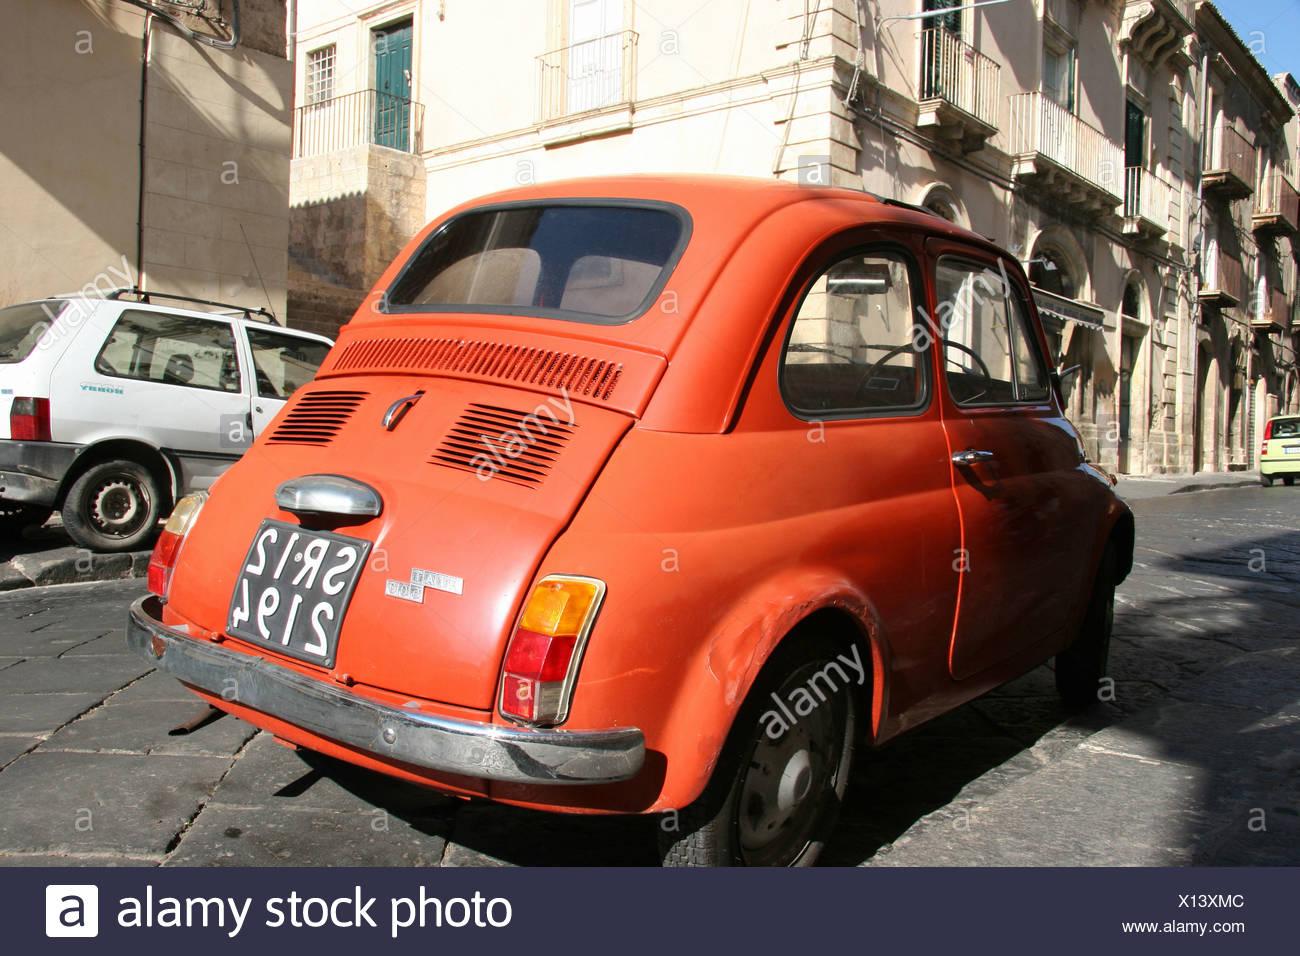 Italy Cars: Italy Parking Car Stock Photos & Italy Parking Car Stock